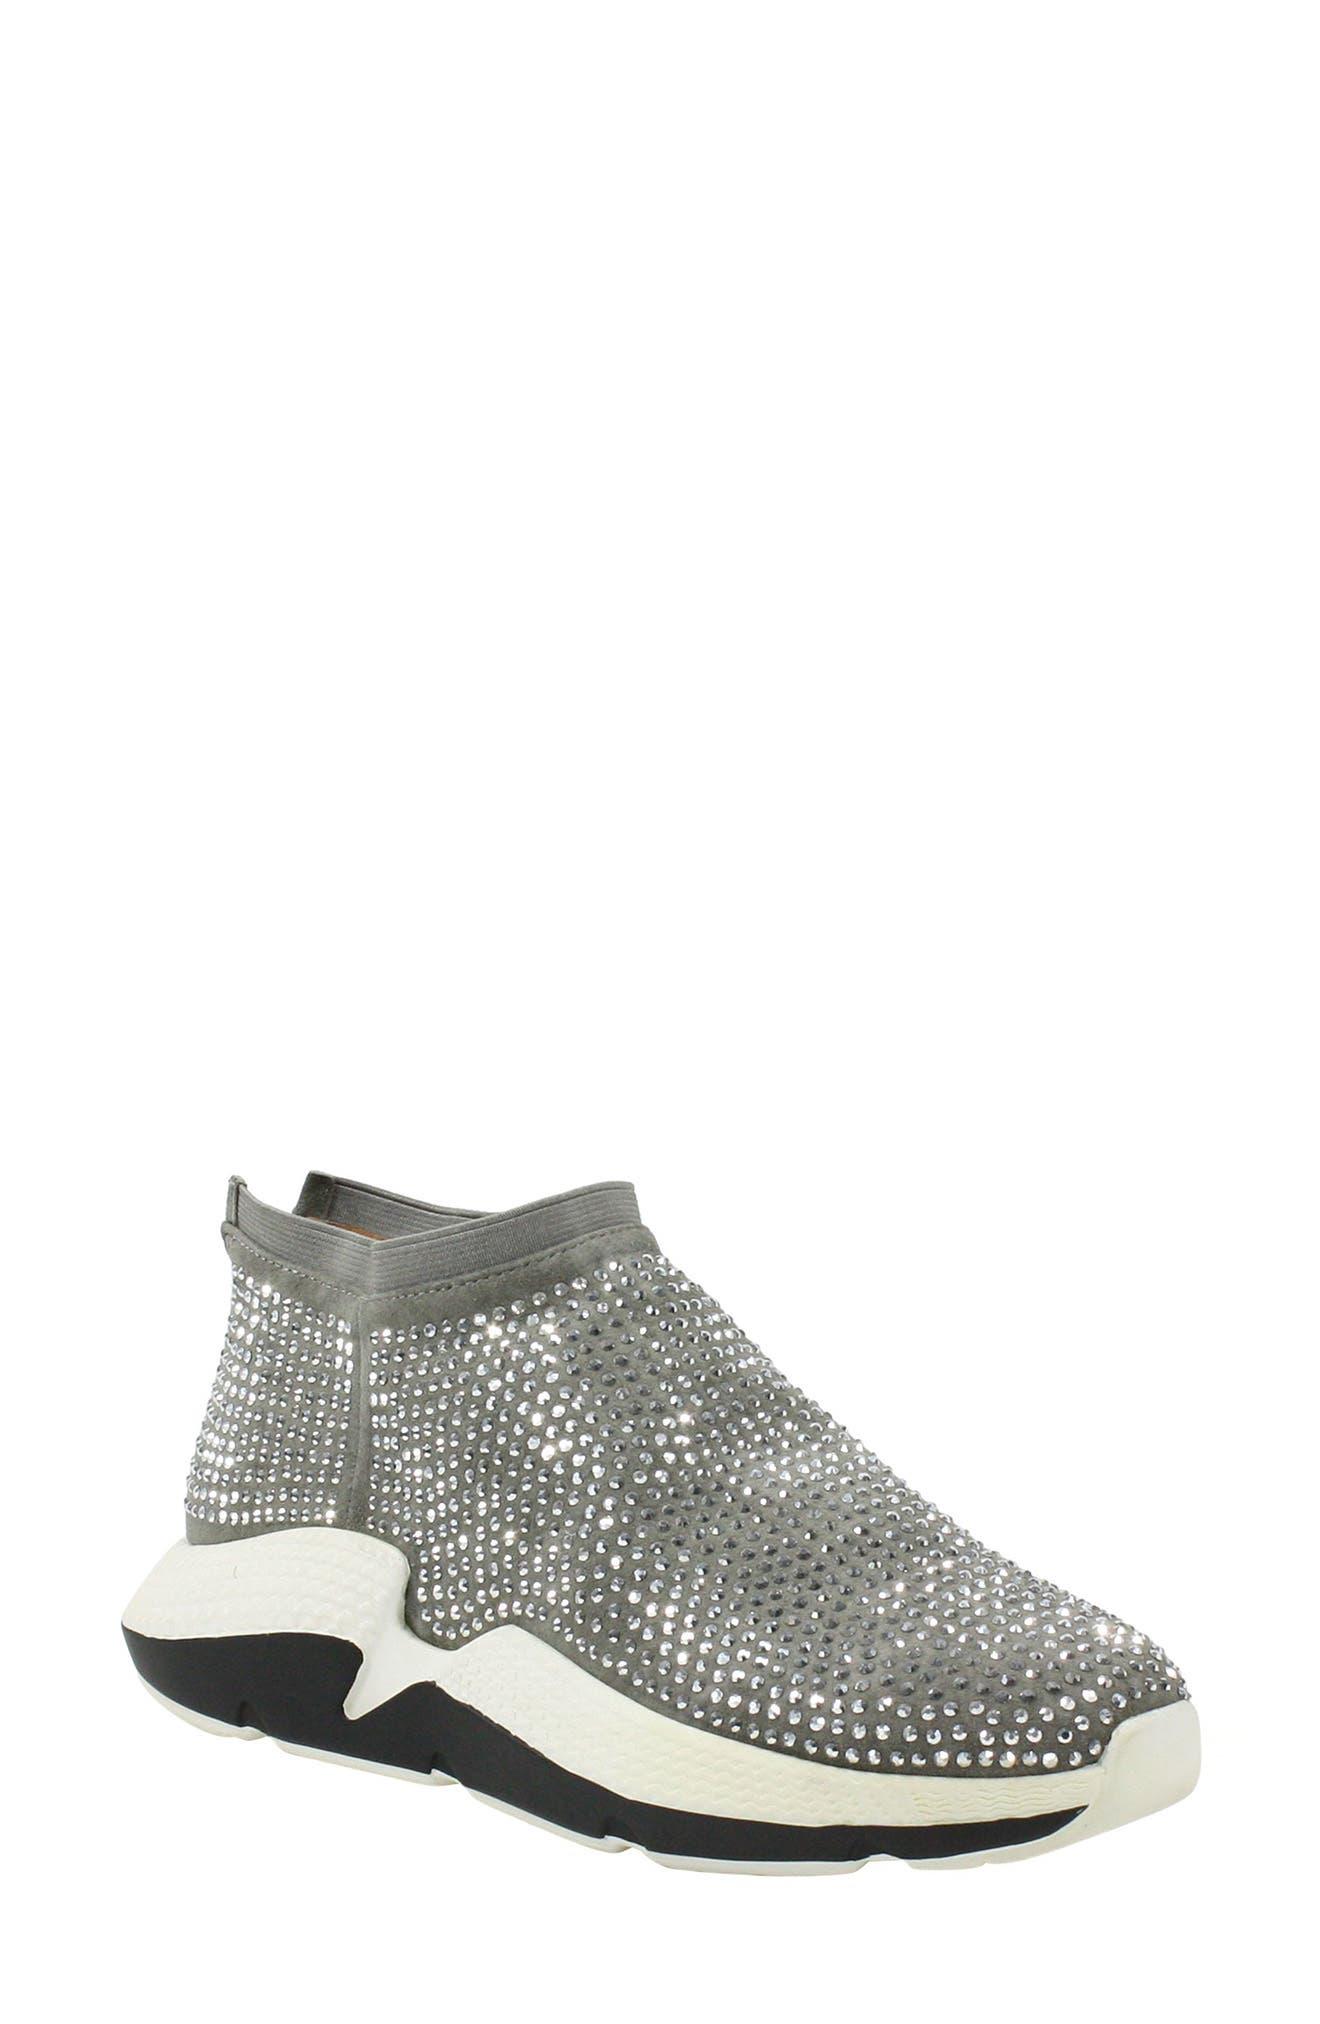 Helena Embellished Sneaker